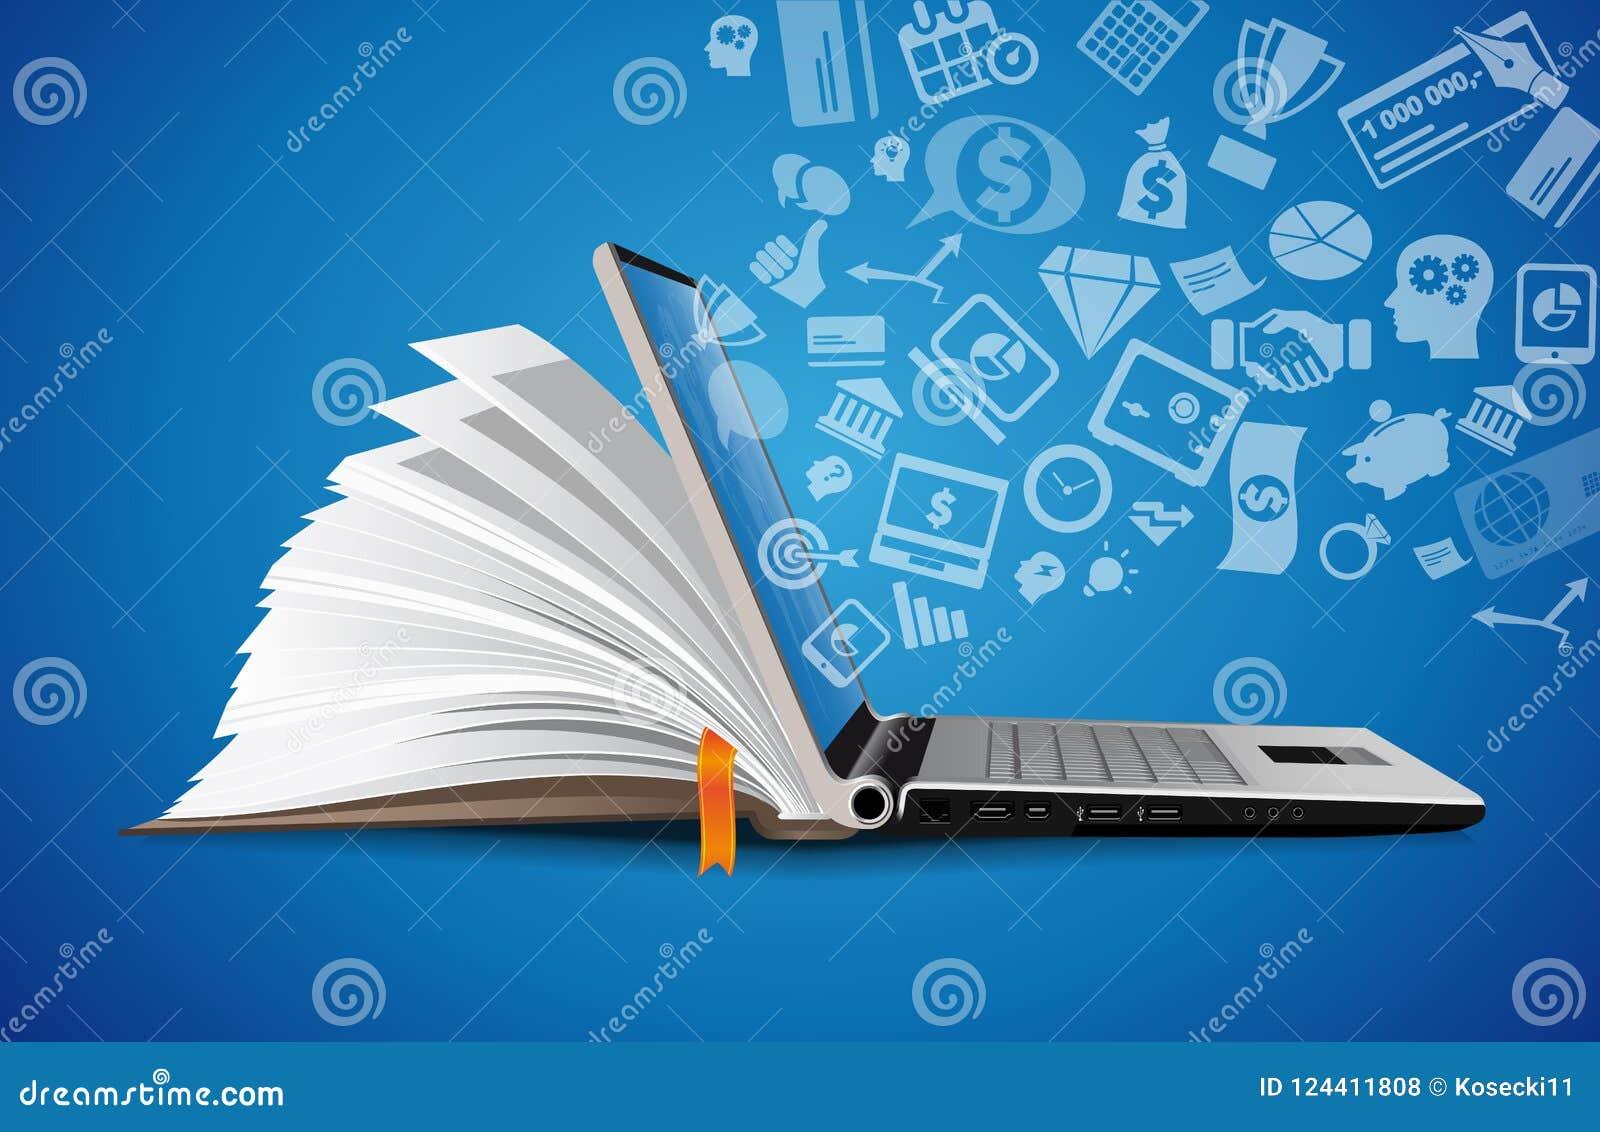 Computer als BuchWissensbasiskonzept - Laptop als Elearning